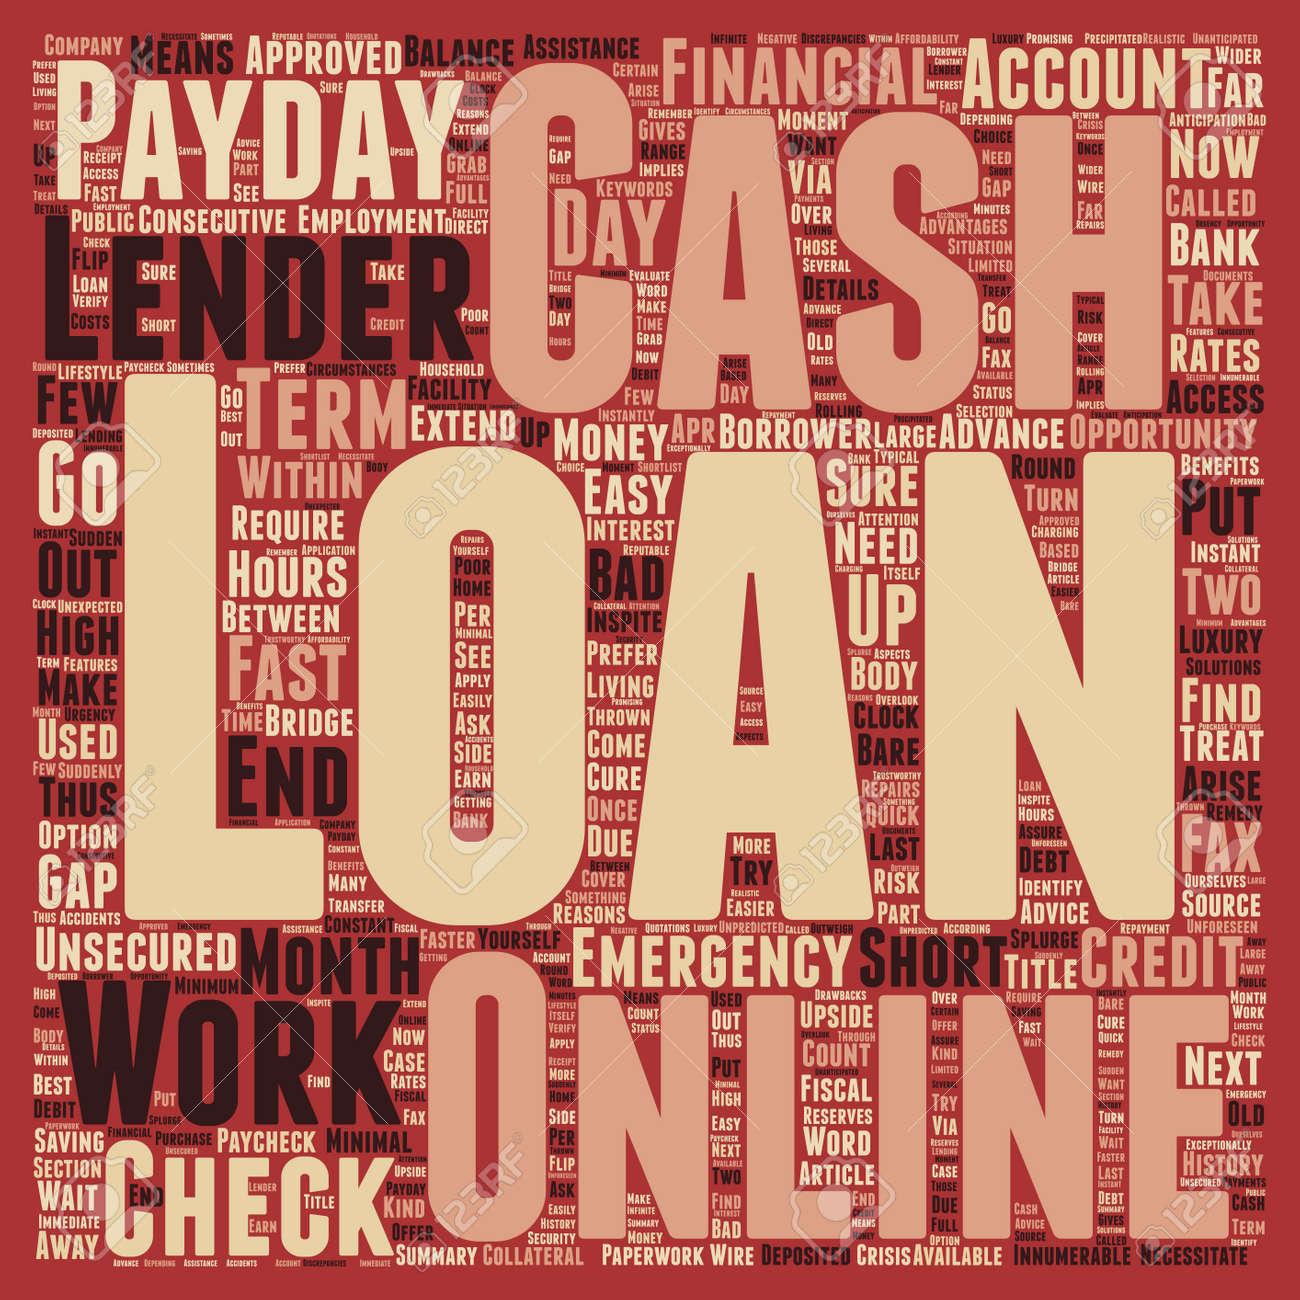 Money loans in fayetteville nc image 10